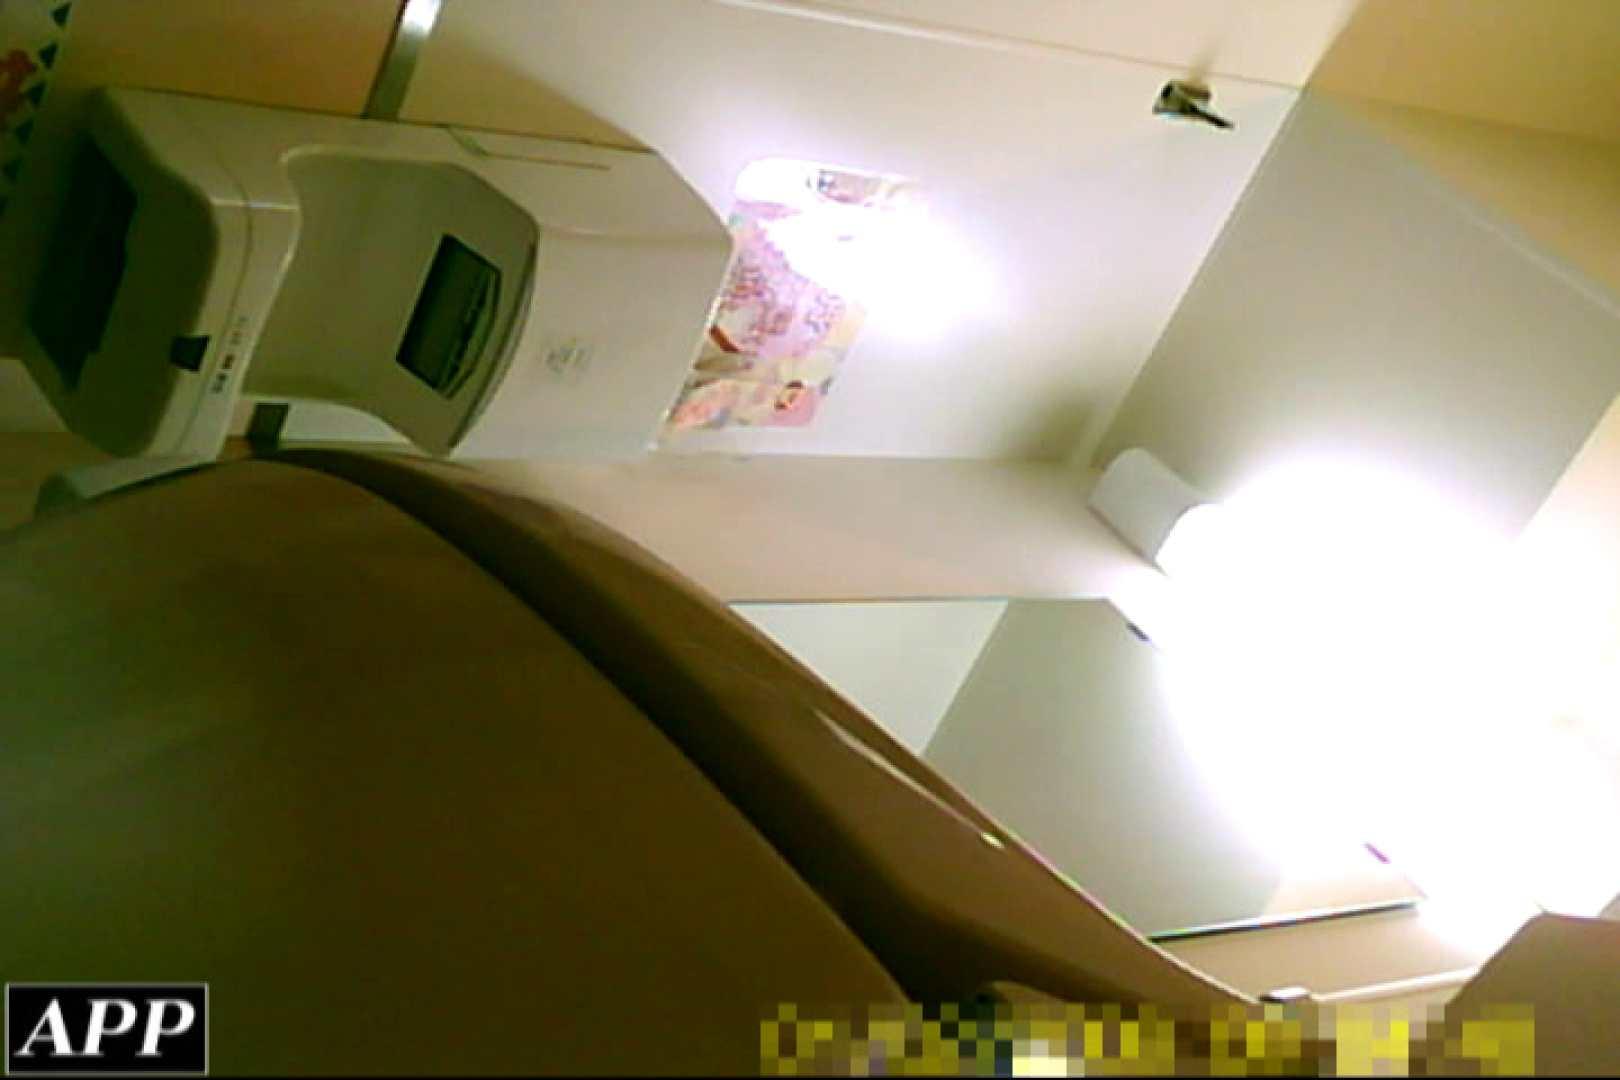 3視点洗面所 vol.06 オマンコ  102pic 89